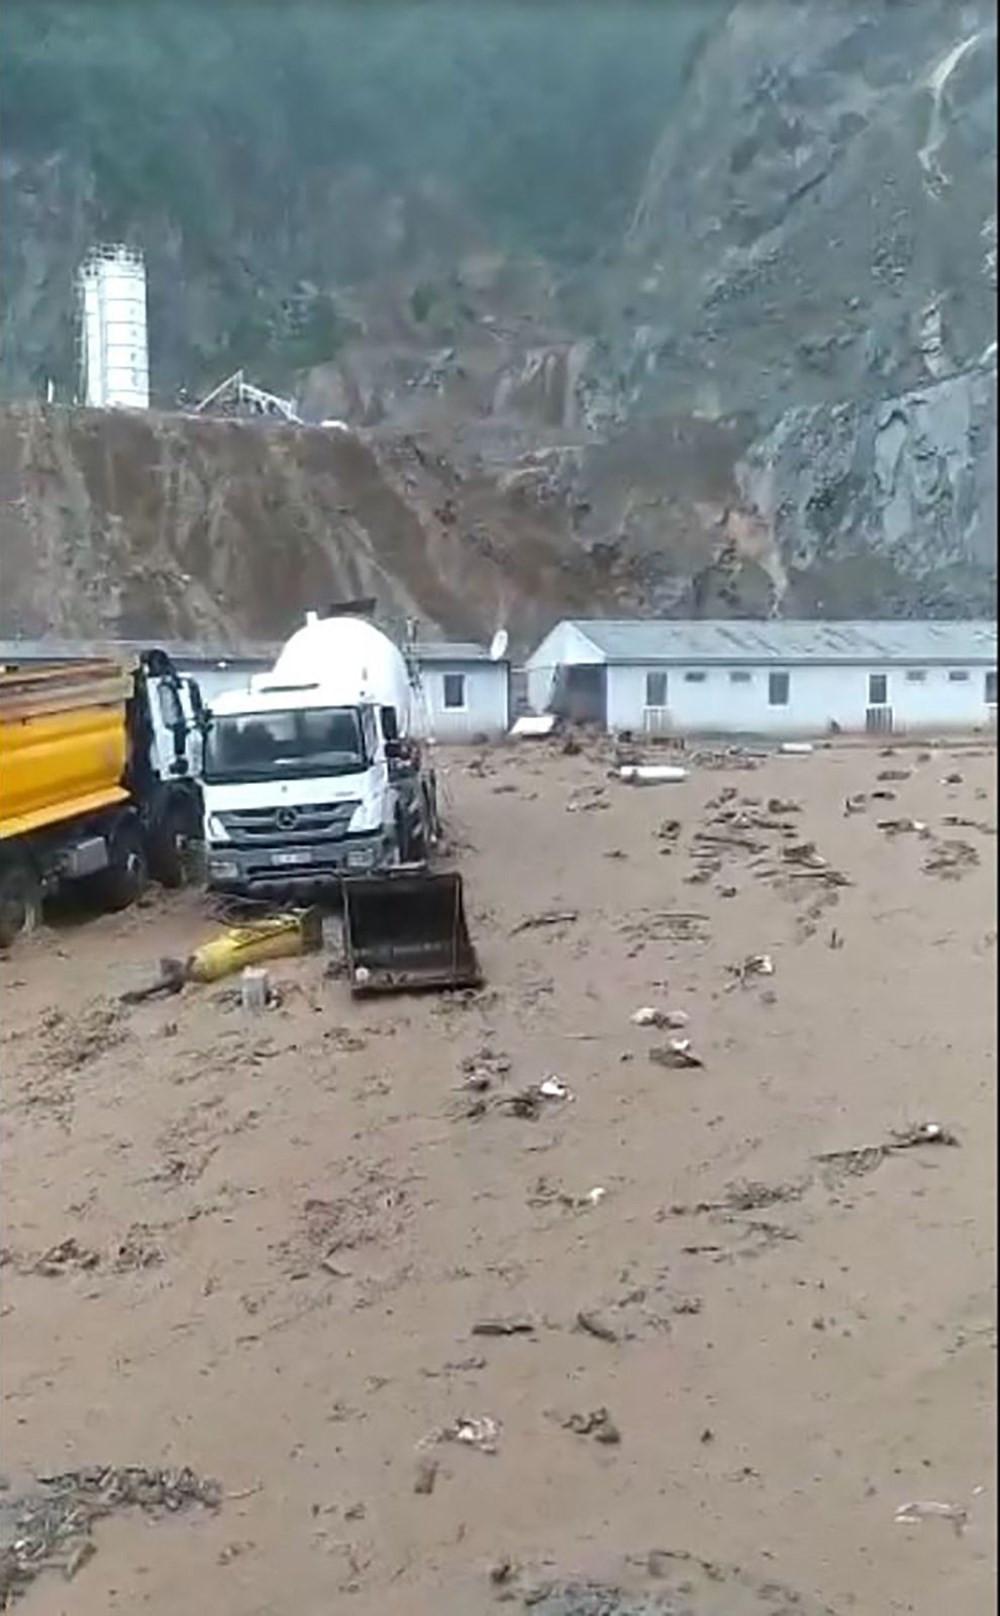 Doğu Karadeniz'de sel ve heyelan: 3 katlı bina çöktü, yollar kapandı